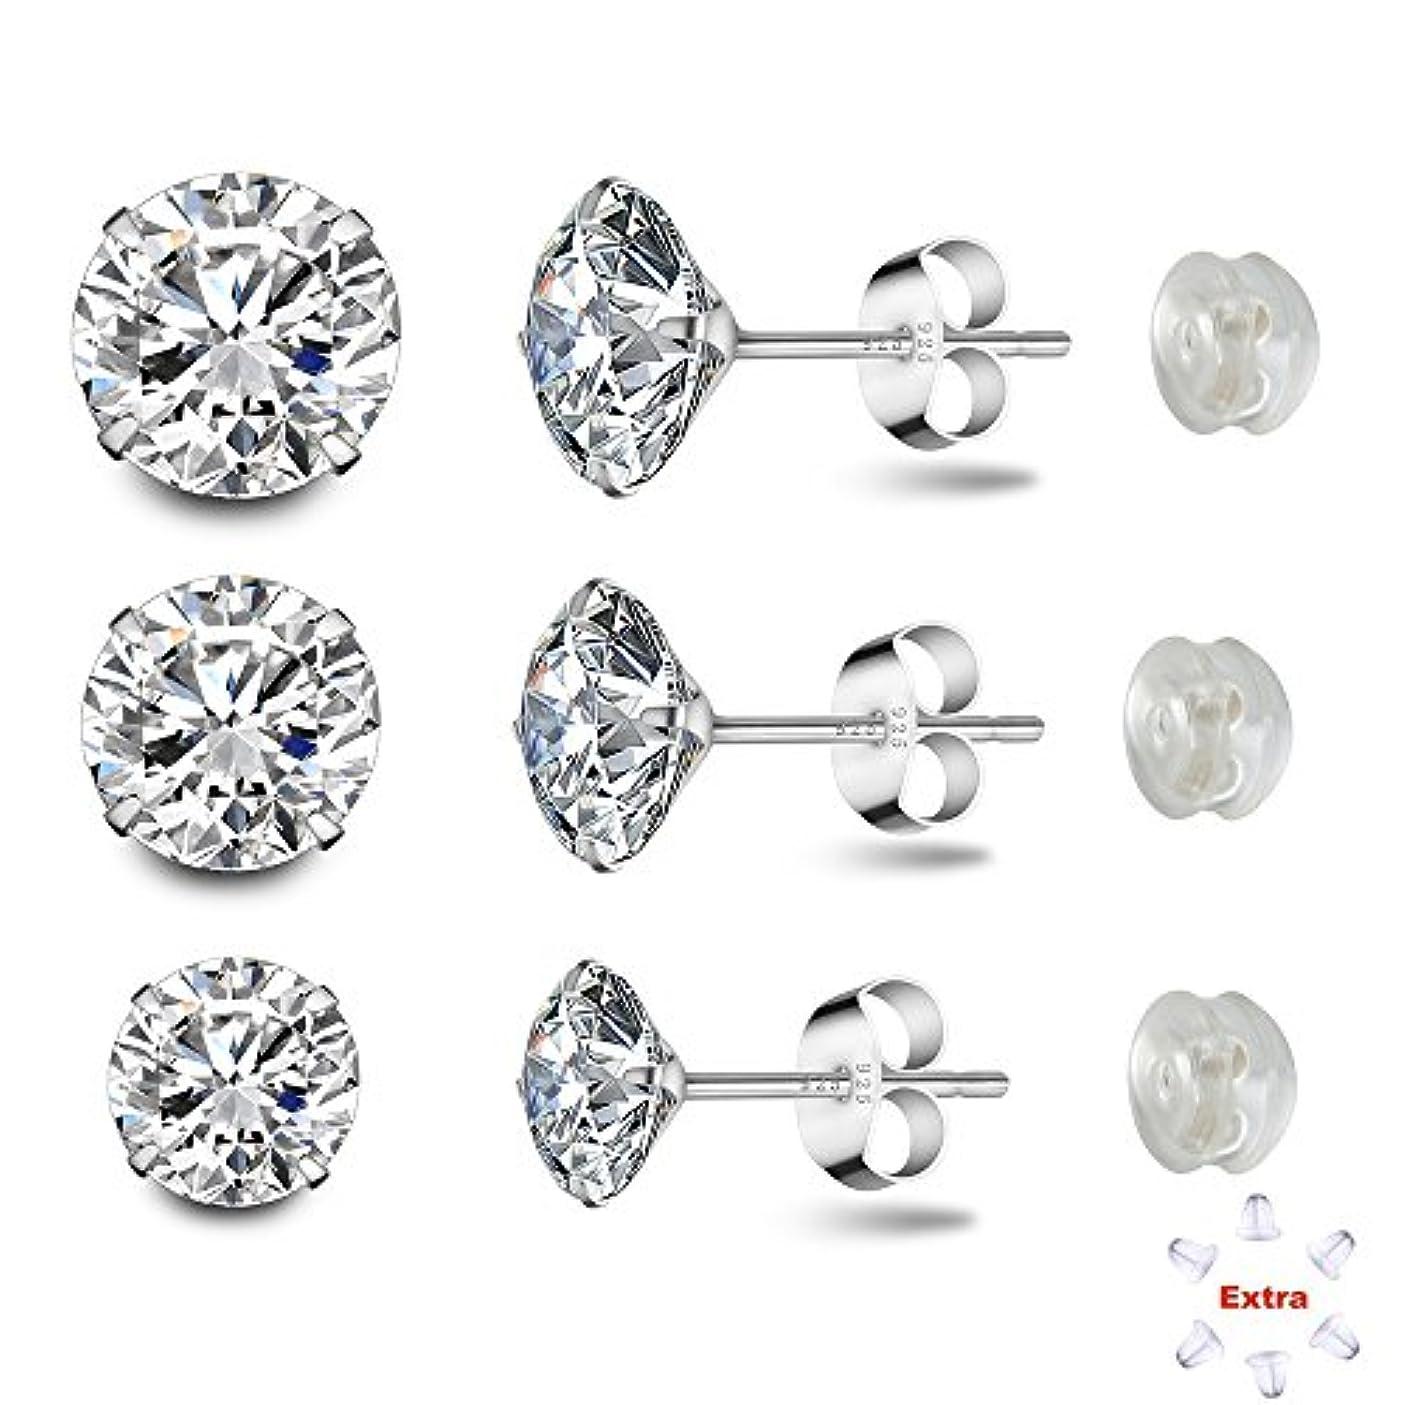 羊の服を着た狼バタフライビットSterling Silver Studs Earrings Round Cut Cubic Zirconia NOT STAINLESS STEEL 4mm 5mm 6mm Sizes Platinum-Plated...